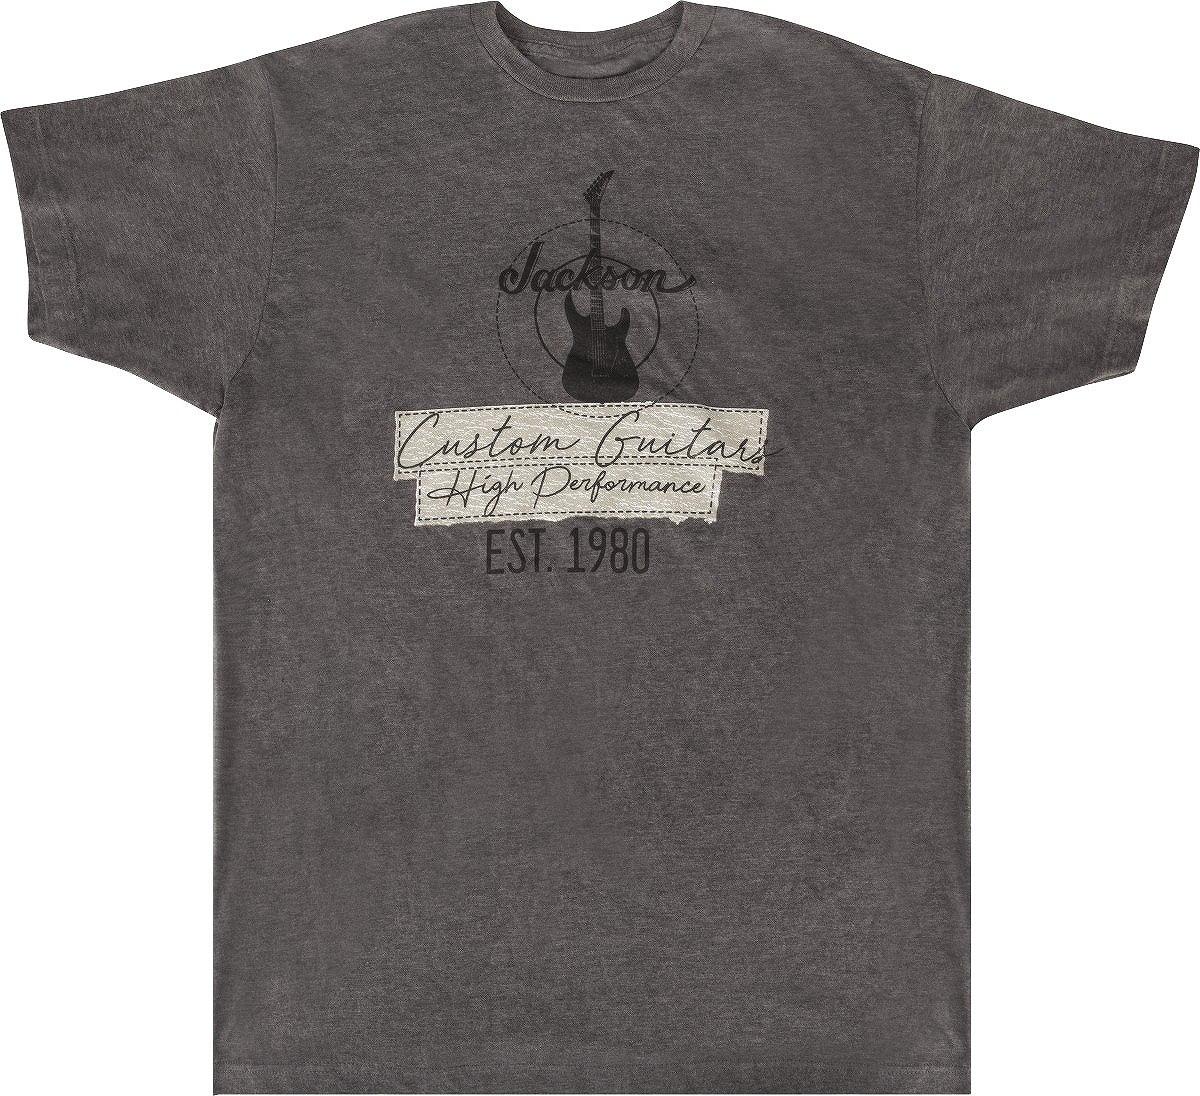 アクセサリー, その他 Jackson Jackson Custom Guitar T-Shirt Charcoal L T